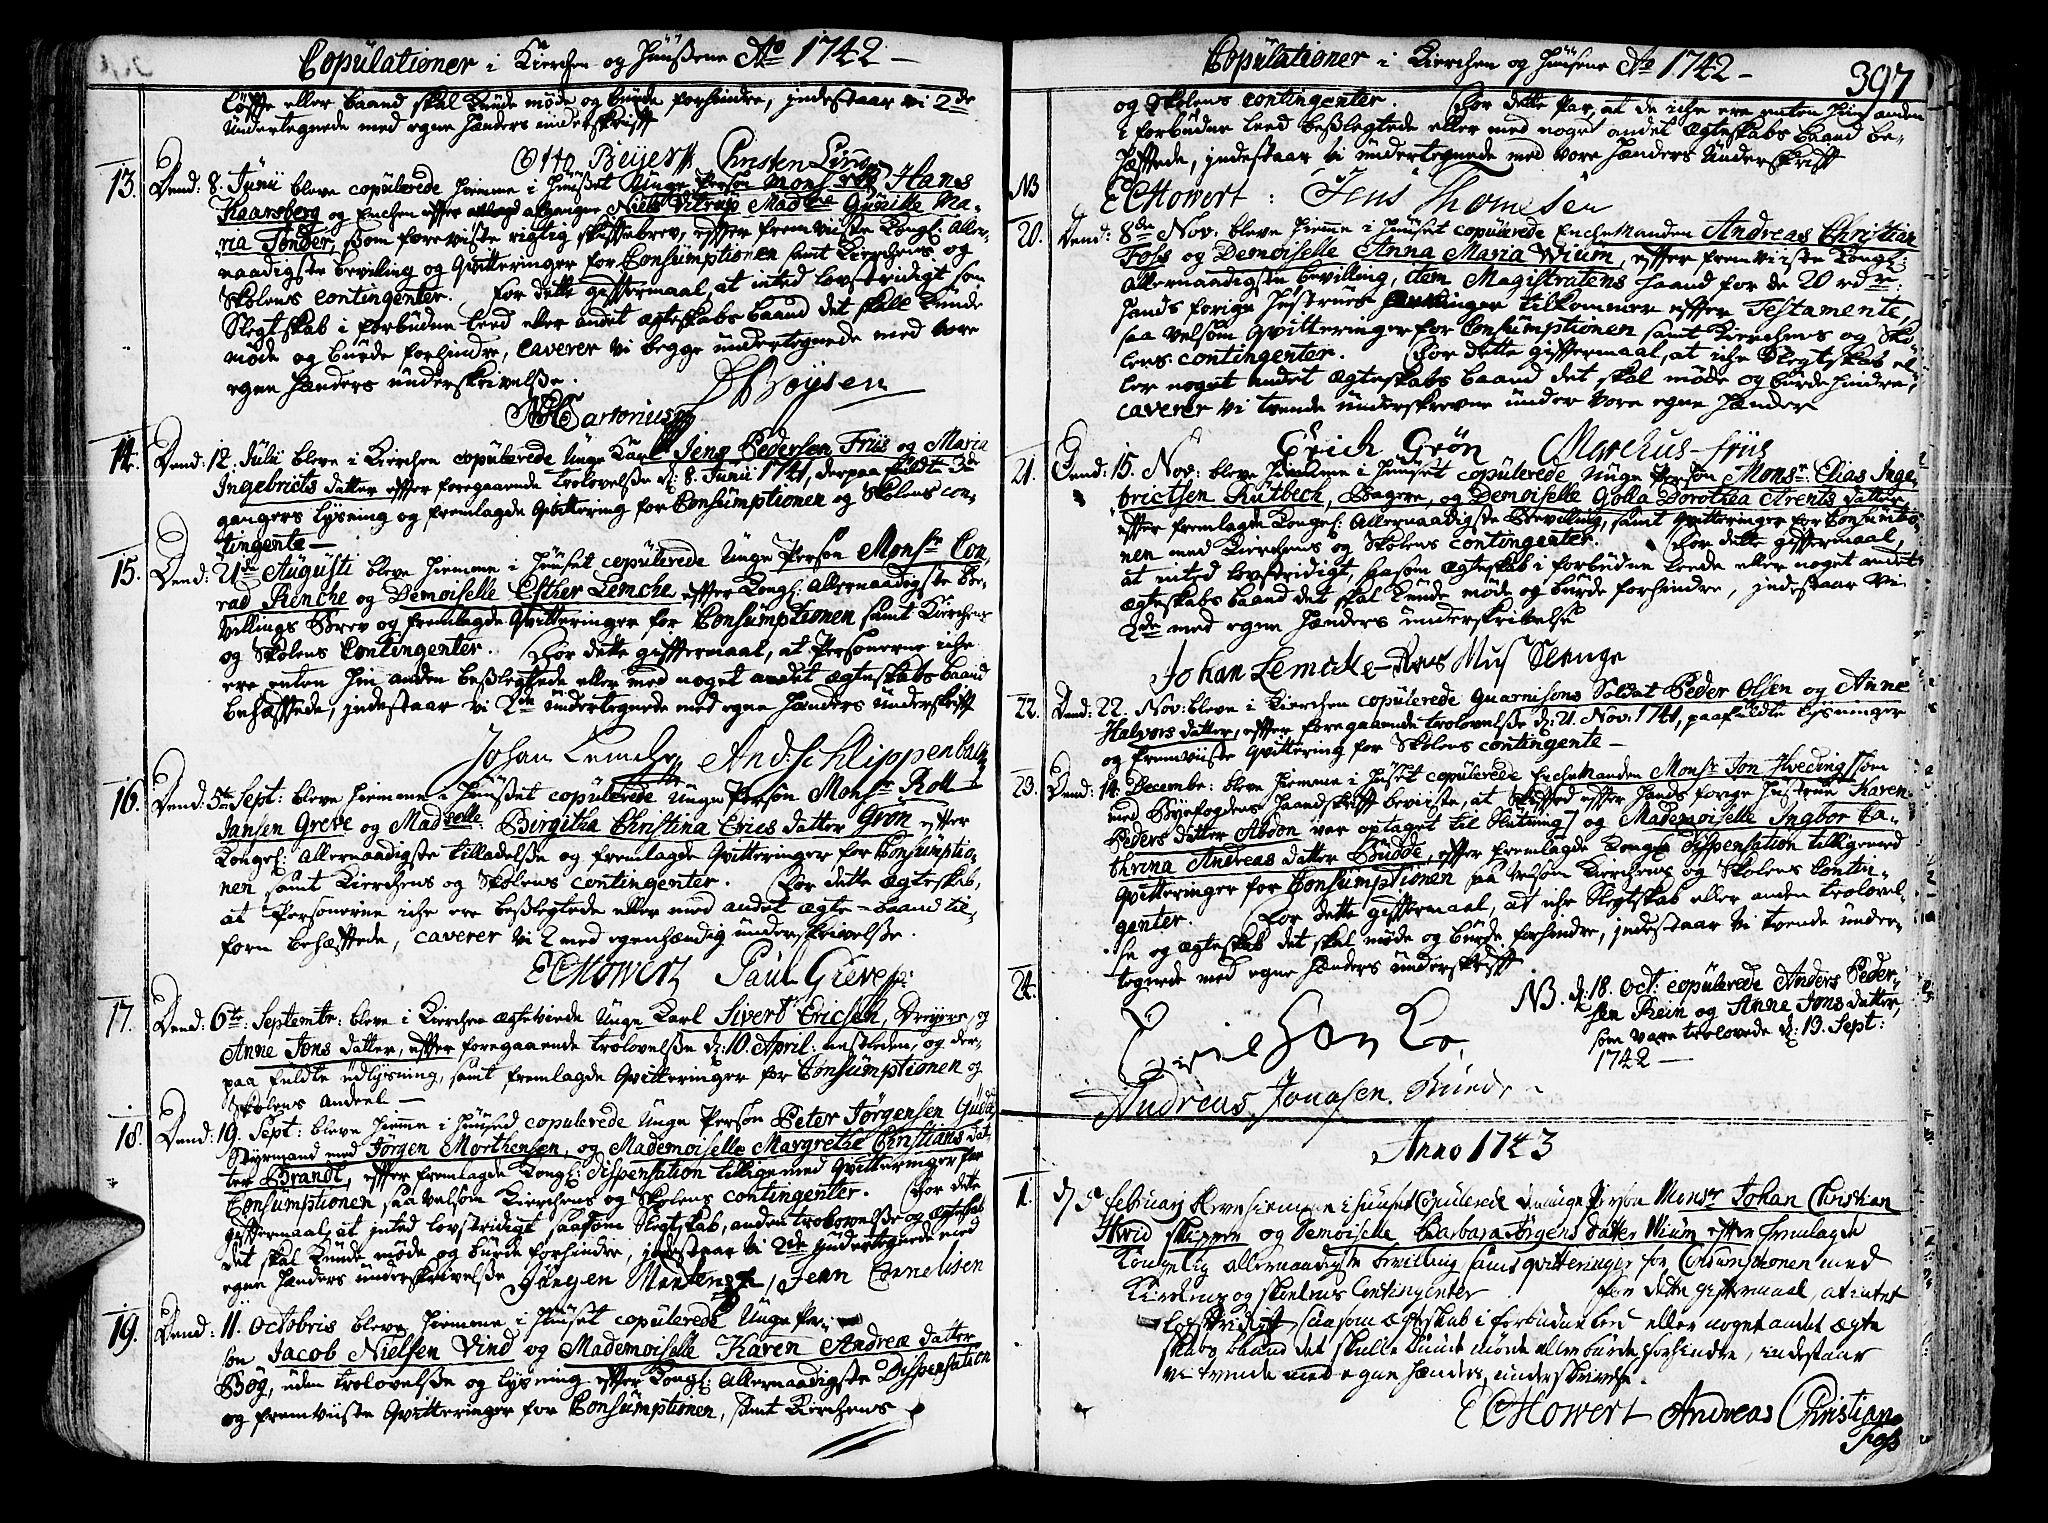 SAT, Ministerialprotokoller, klokkerbøker og fødselsregistre - Sør-Trøndelag, 602/L0103: Ministerialbok nr. 602A01, 1732-1774, s. 397